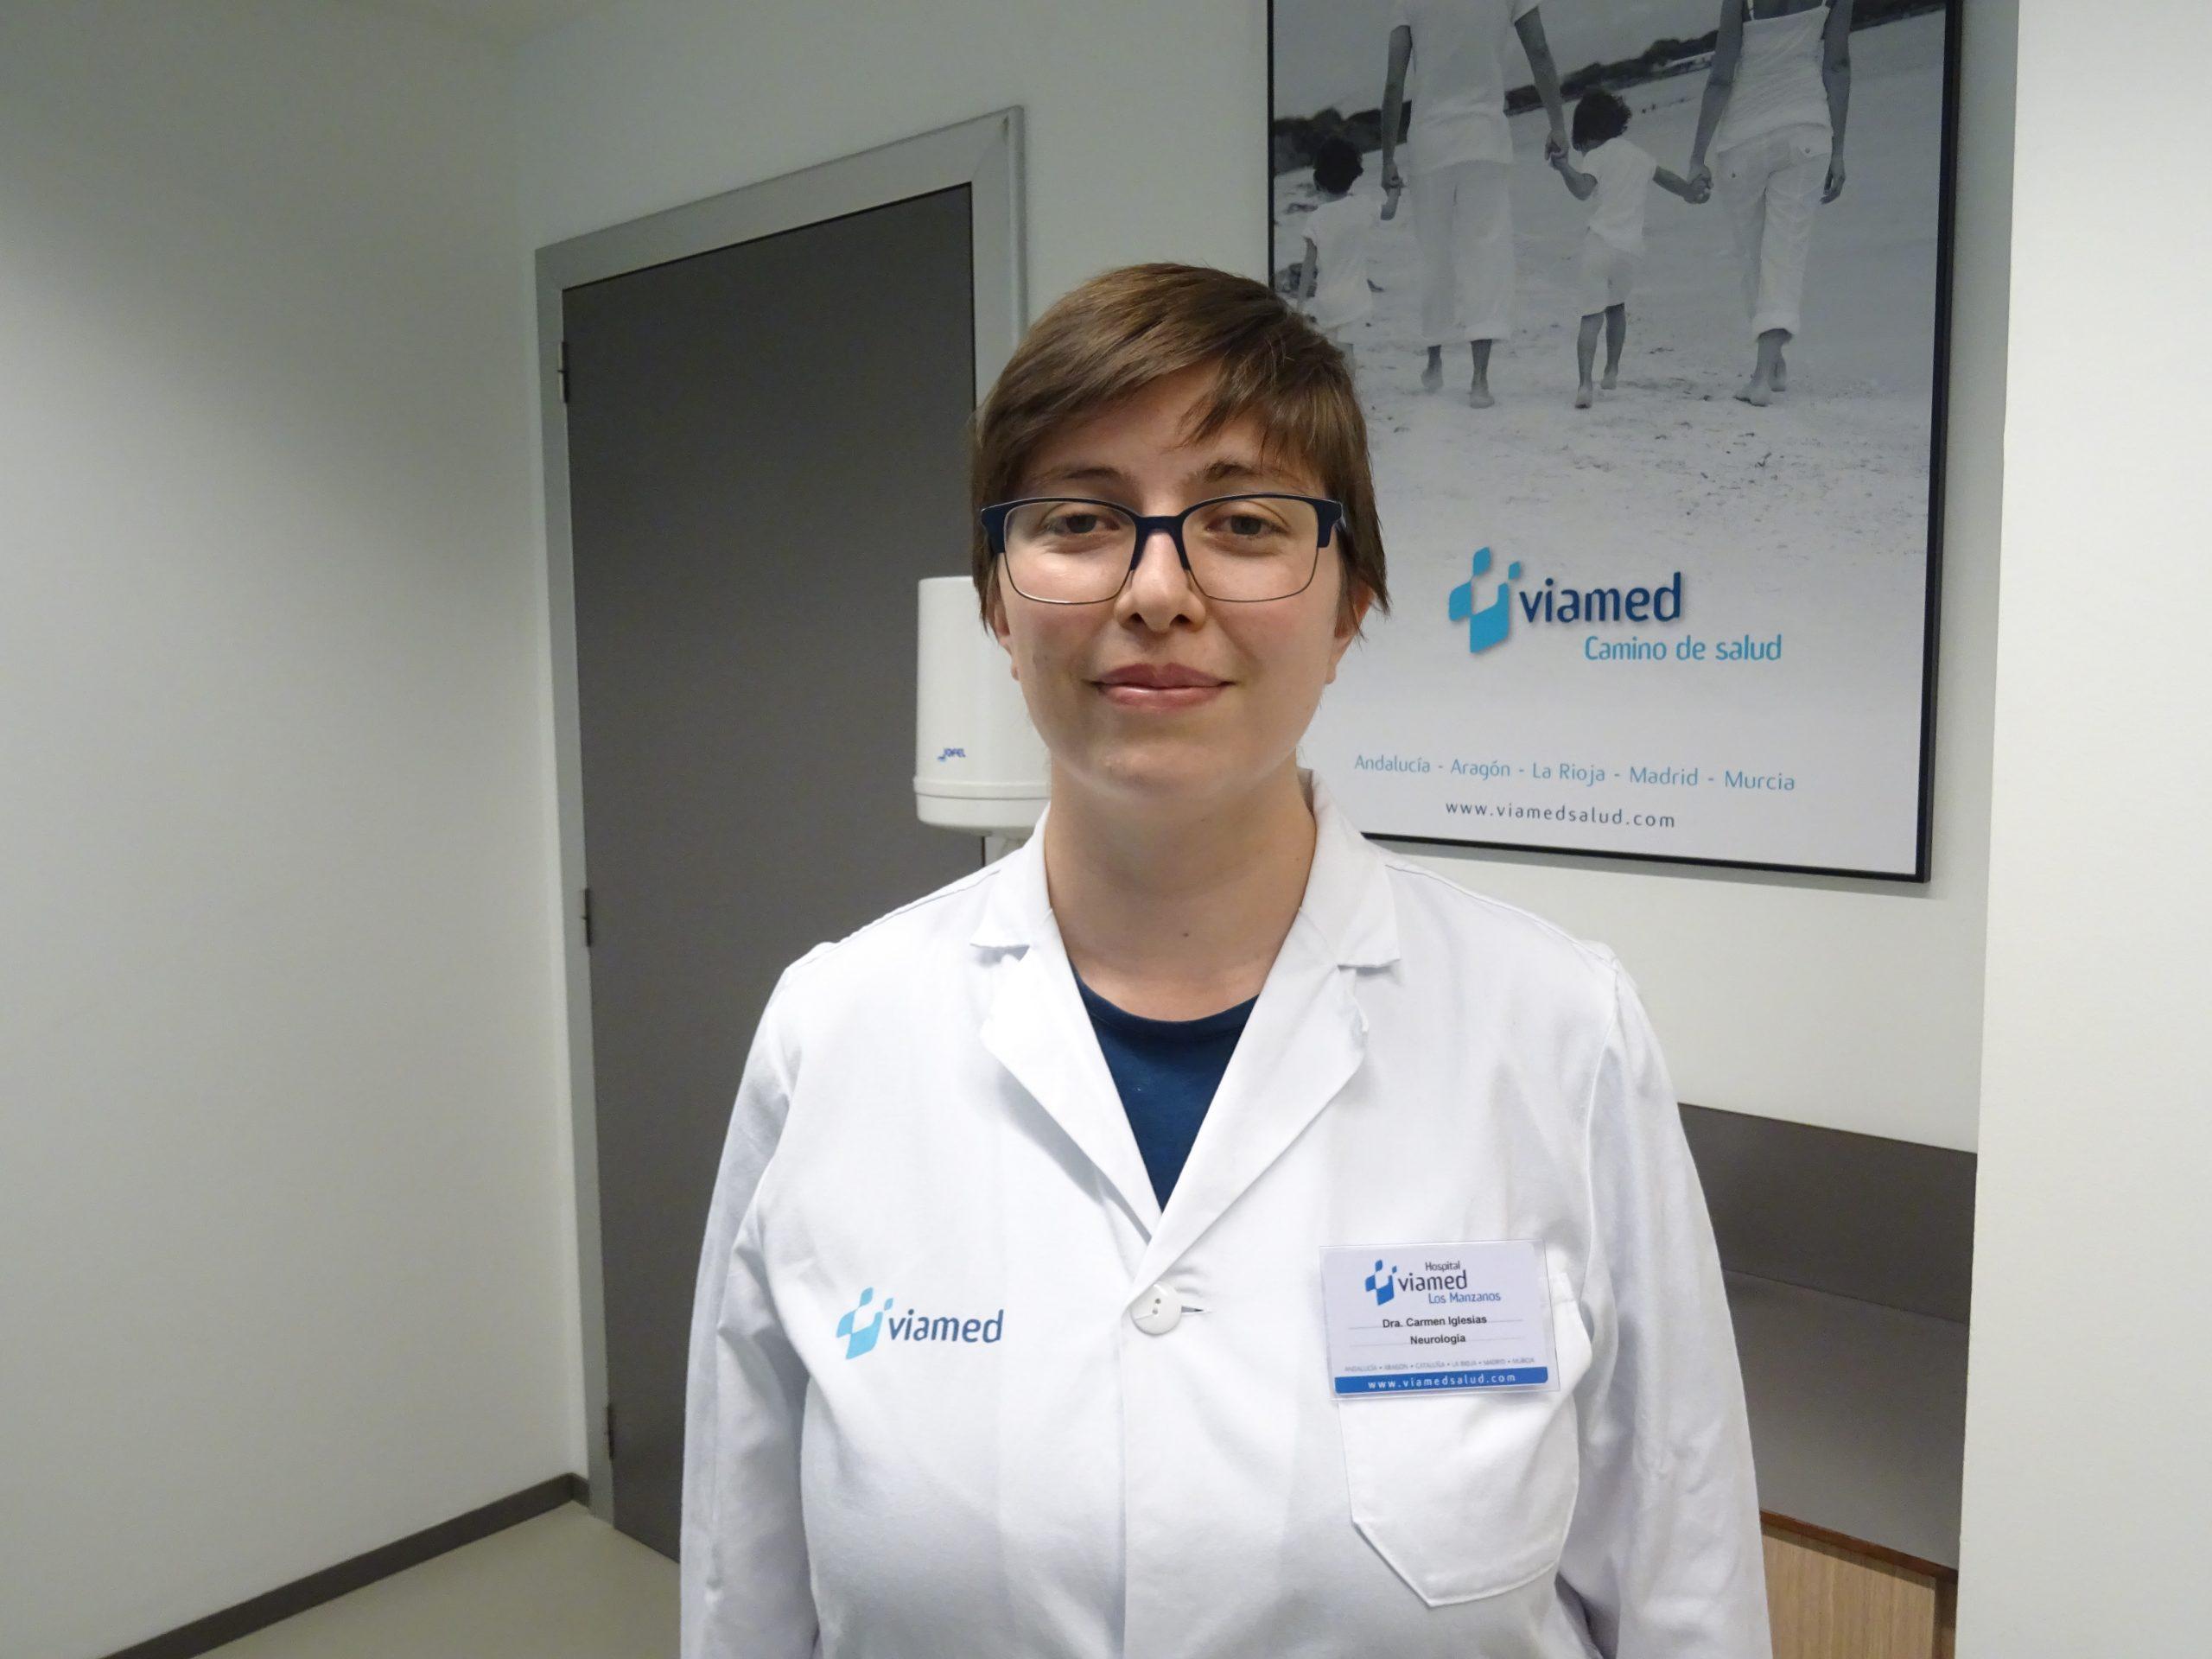 La incorporación de la Dra. Carmen Iglesias Gutiérrez-Cecchini potencia la especialidad de neurología en el hospital Viamed Los Manzanos